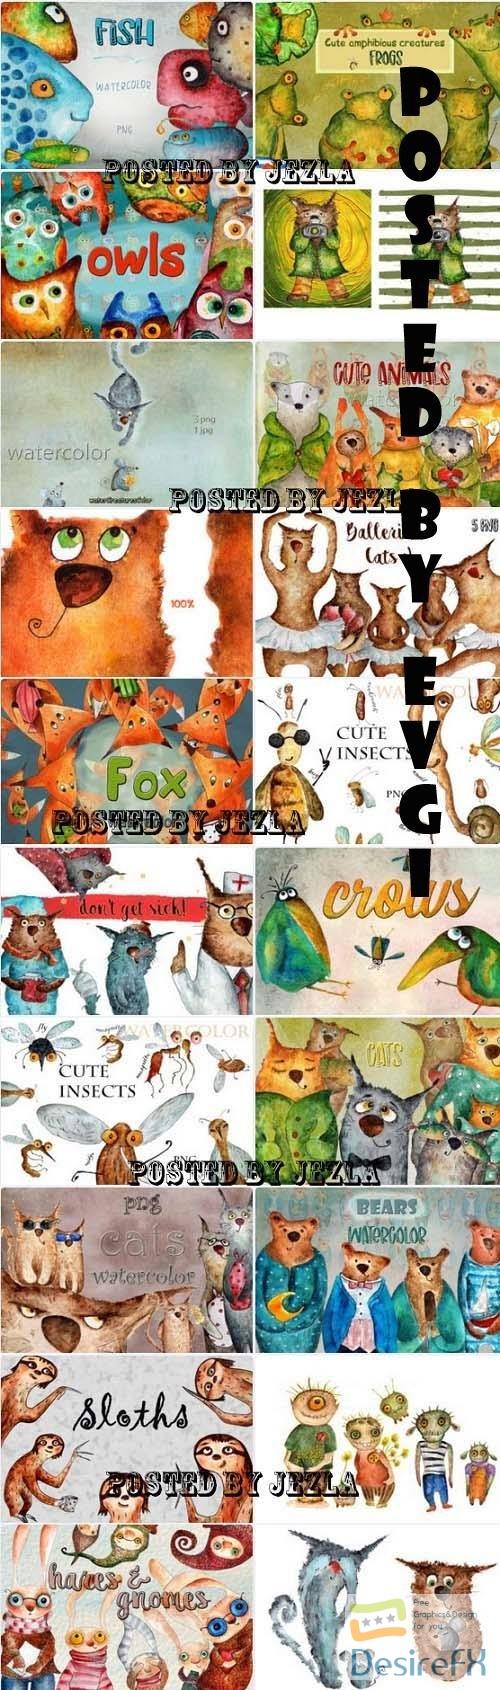 Cute Animals Collection - 20 Premium Graphics